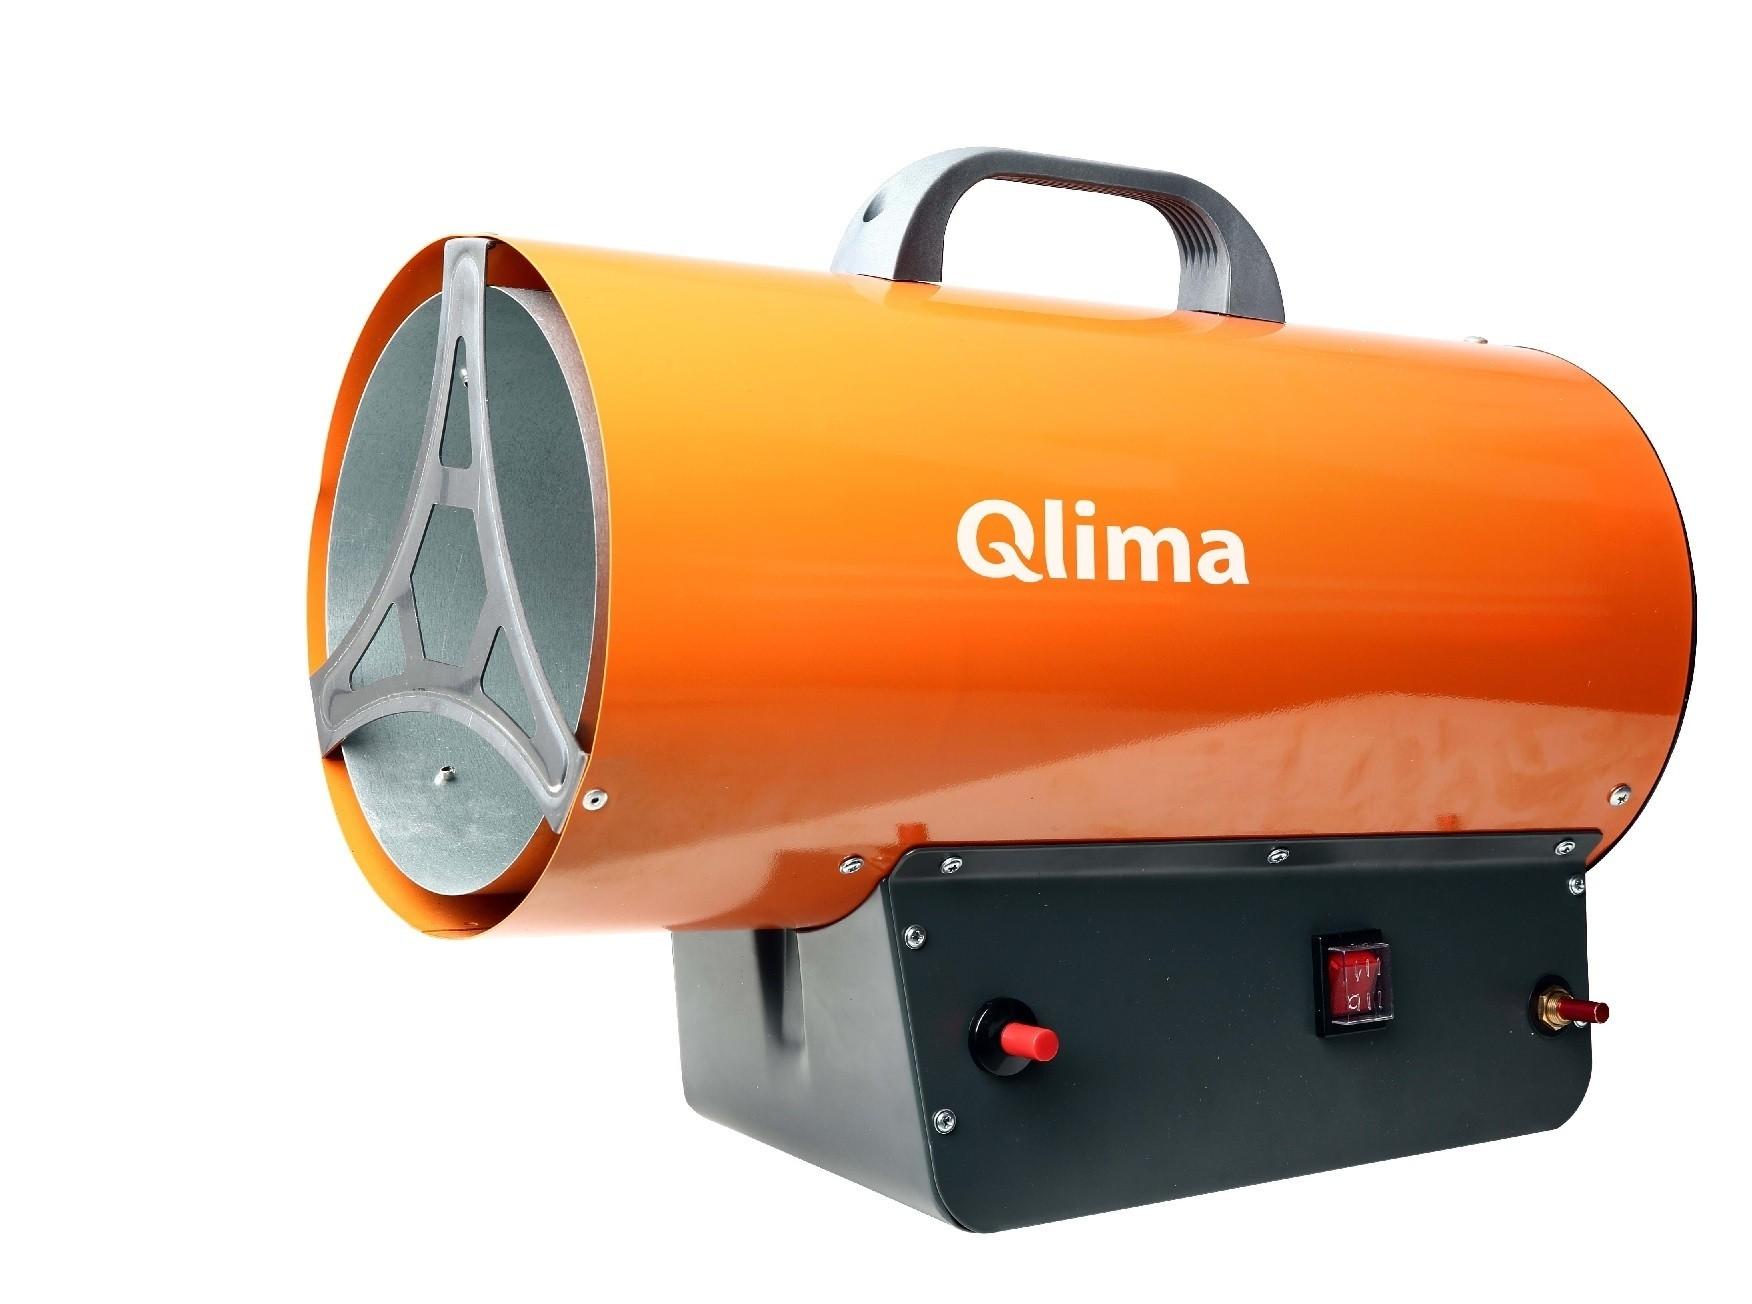 Qlima heteluchtkanon GFA 1010